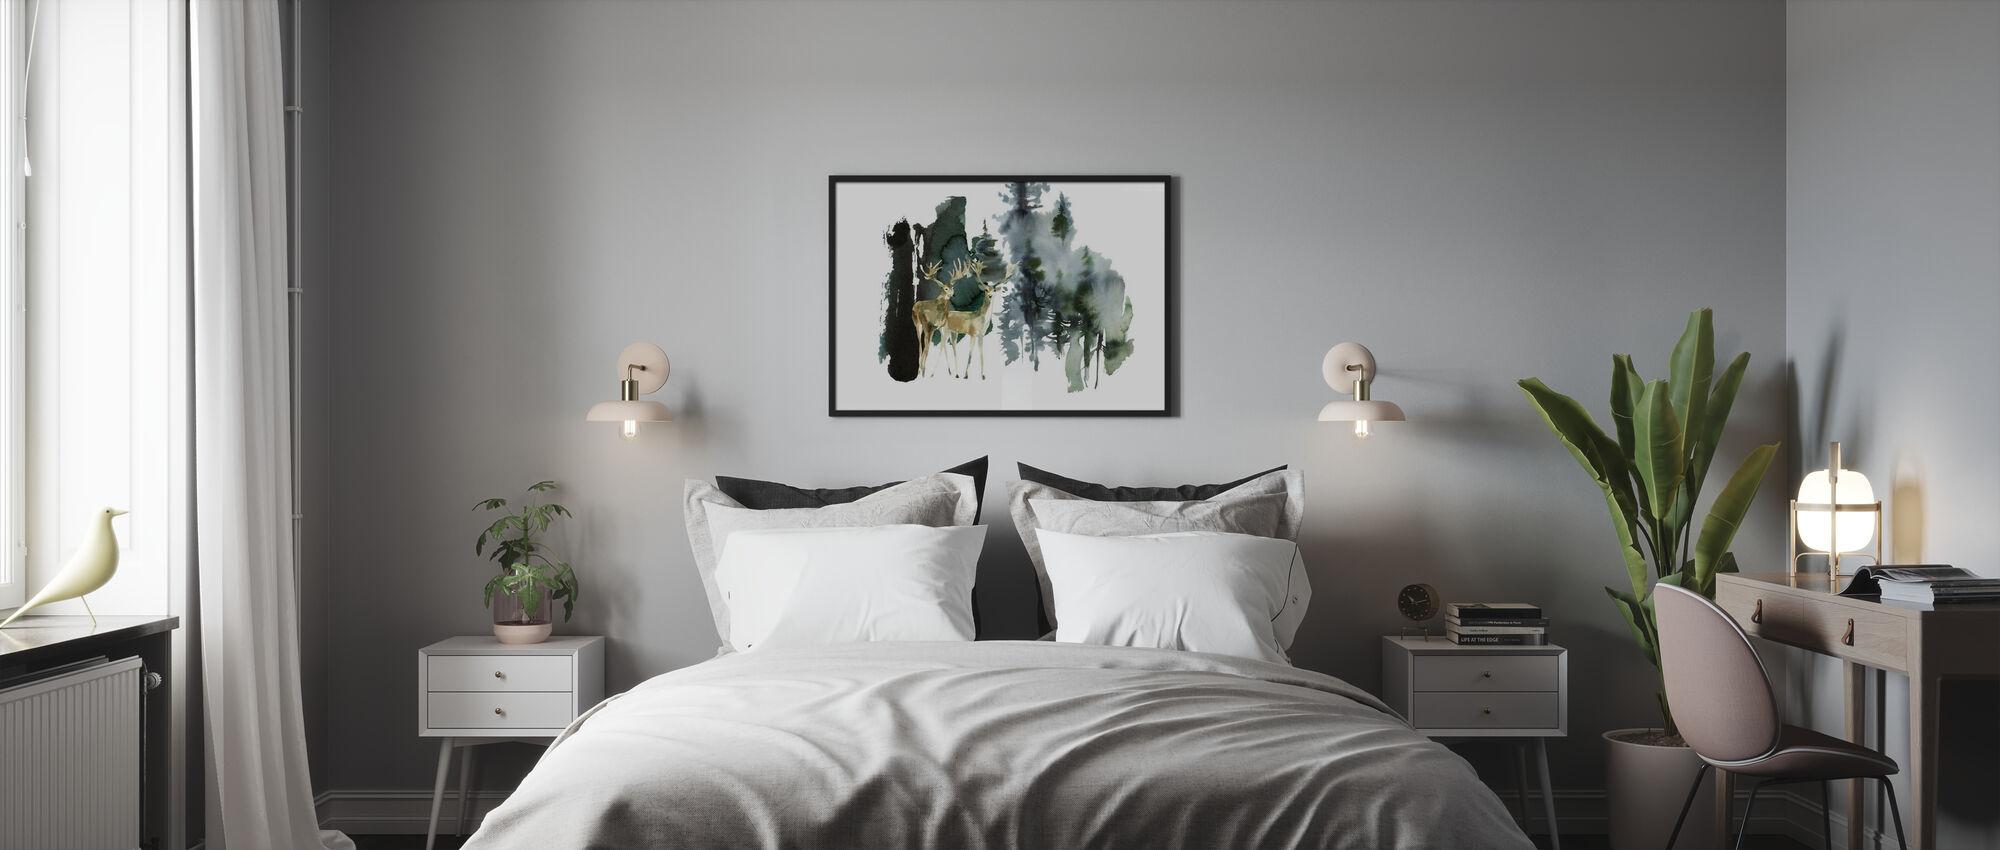 Akvarell Natur - Inramad tavla - Sovrum